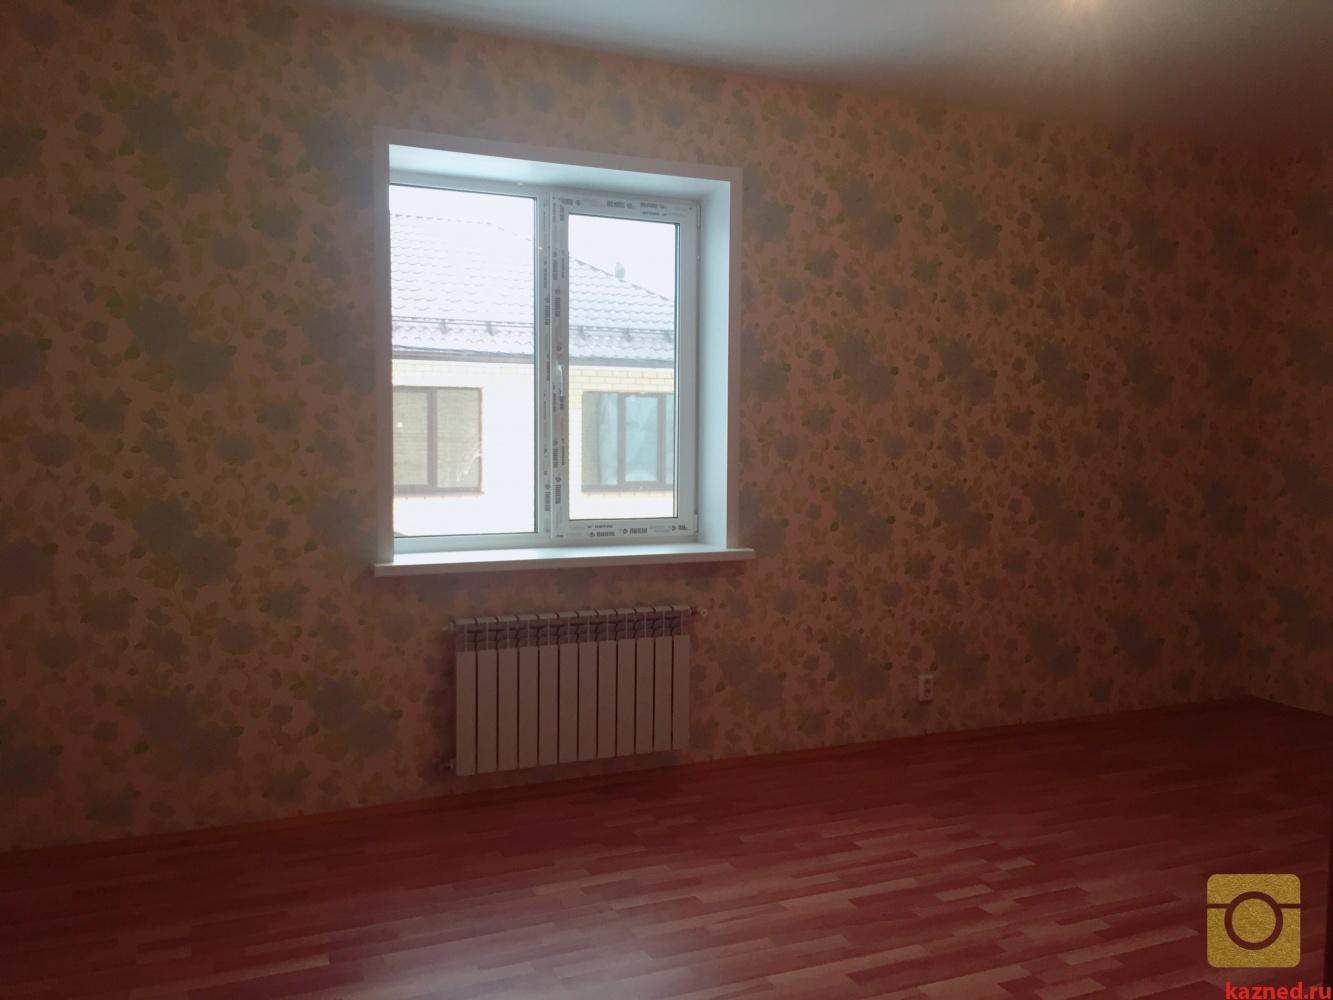 Продажа 3-к квартиры молодецкого 25б, 103 м2  (миниатюра №19)